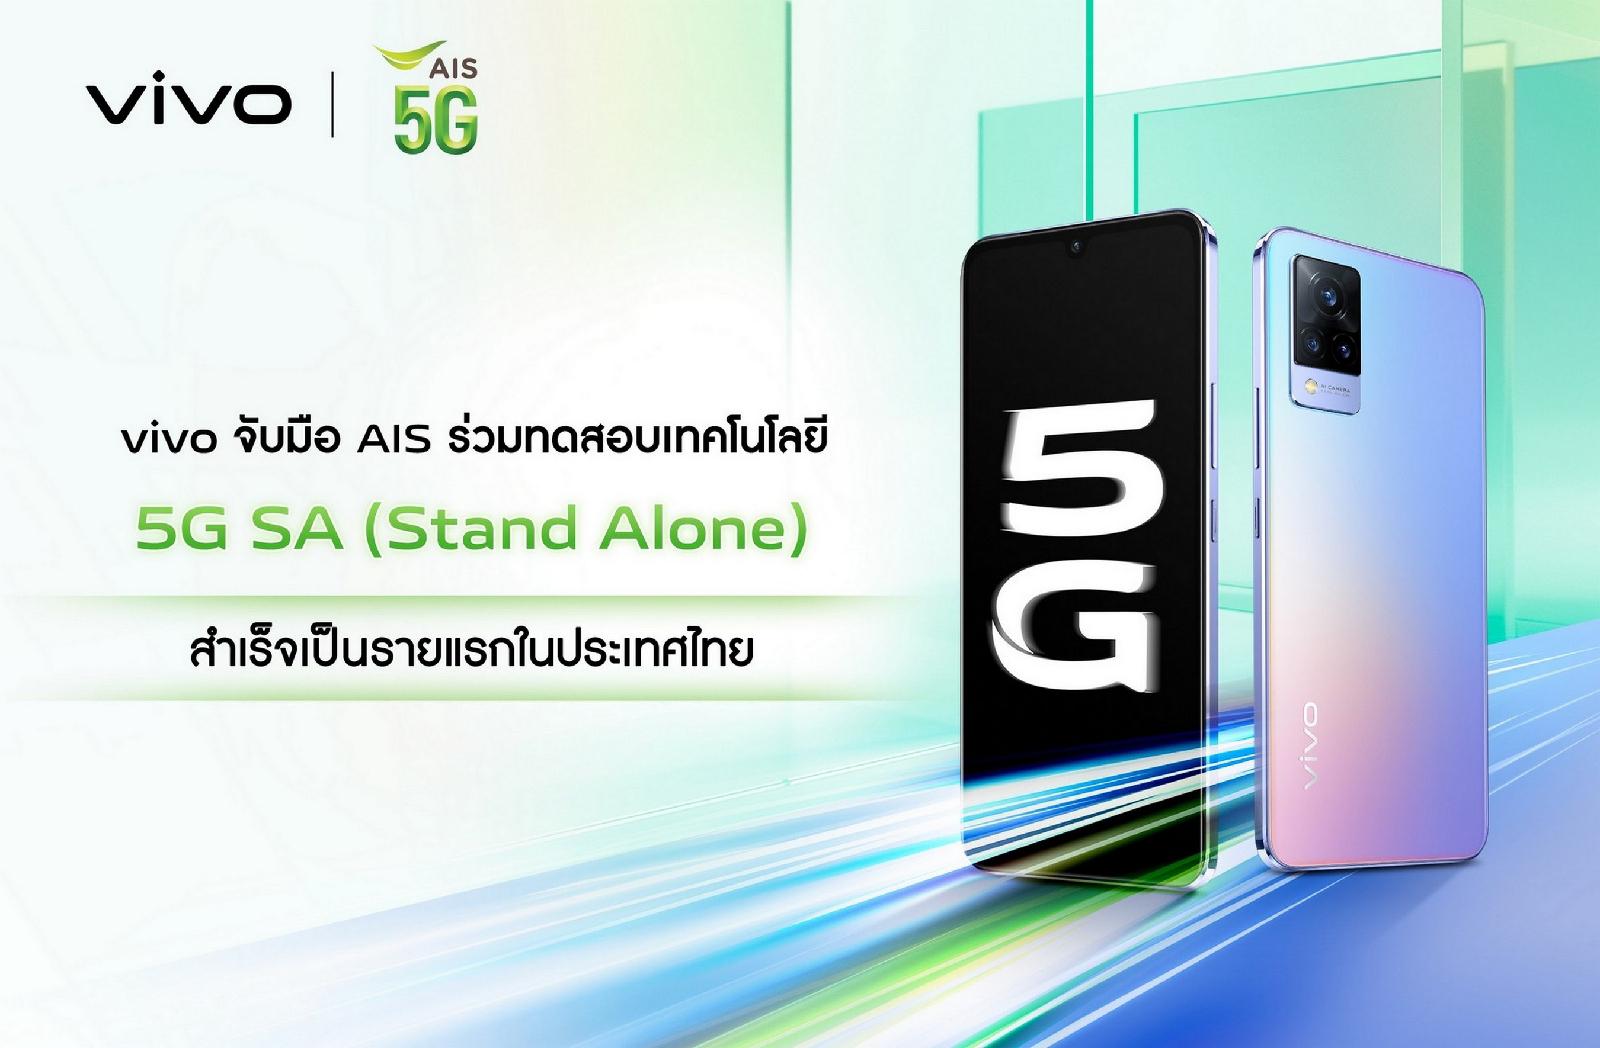 vivo จับมือ AIS ร่วมทดสอบเทคโนโลยี 5G SA (Stand Alone) สำเร็จเป็นรายแรกในประเทศไทย